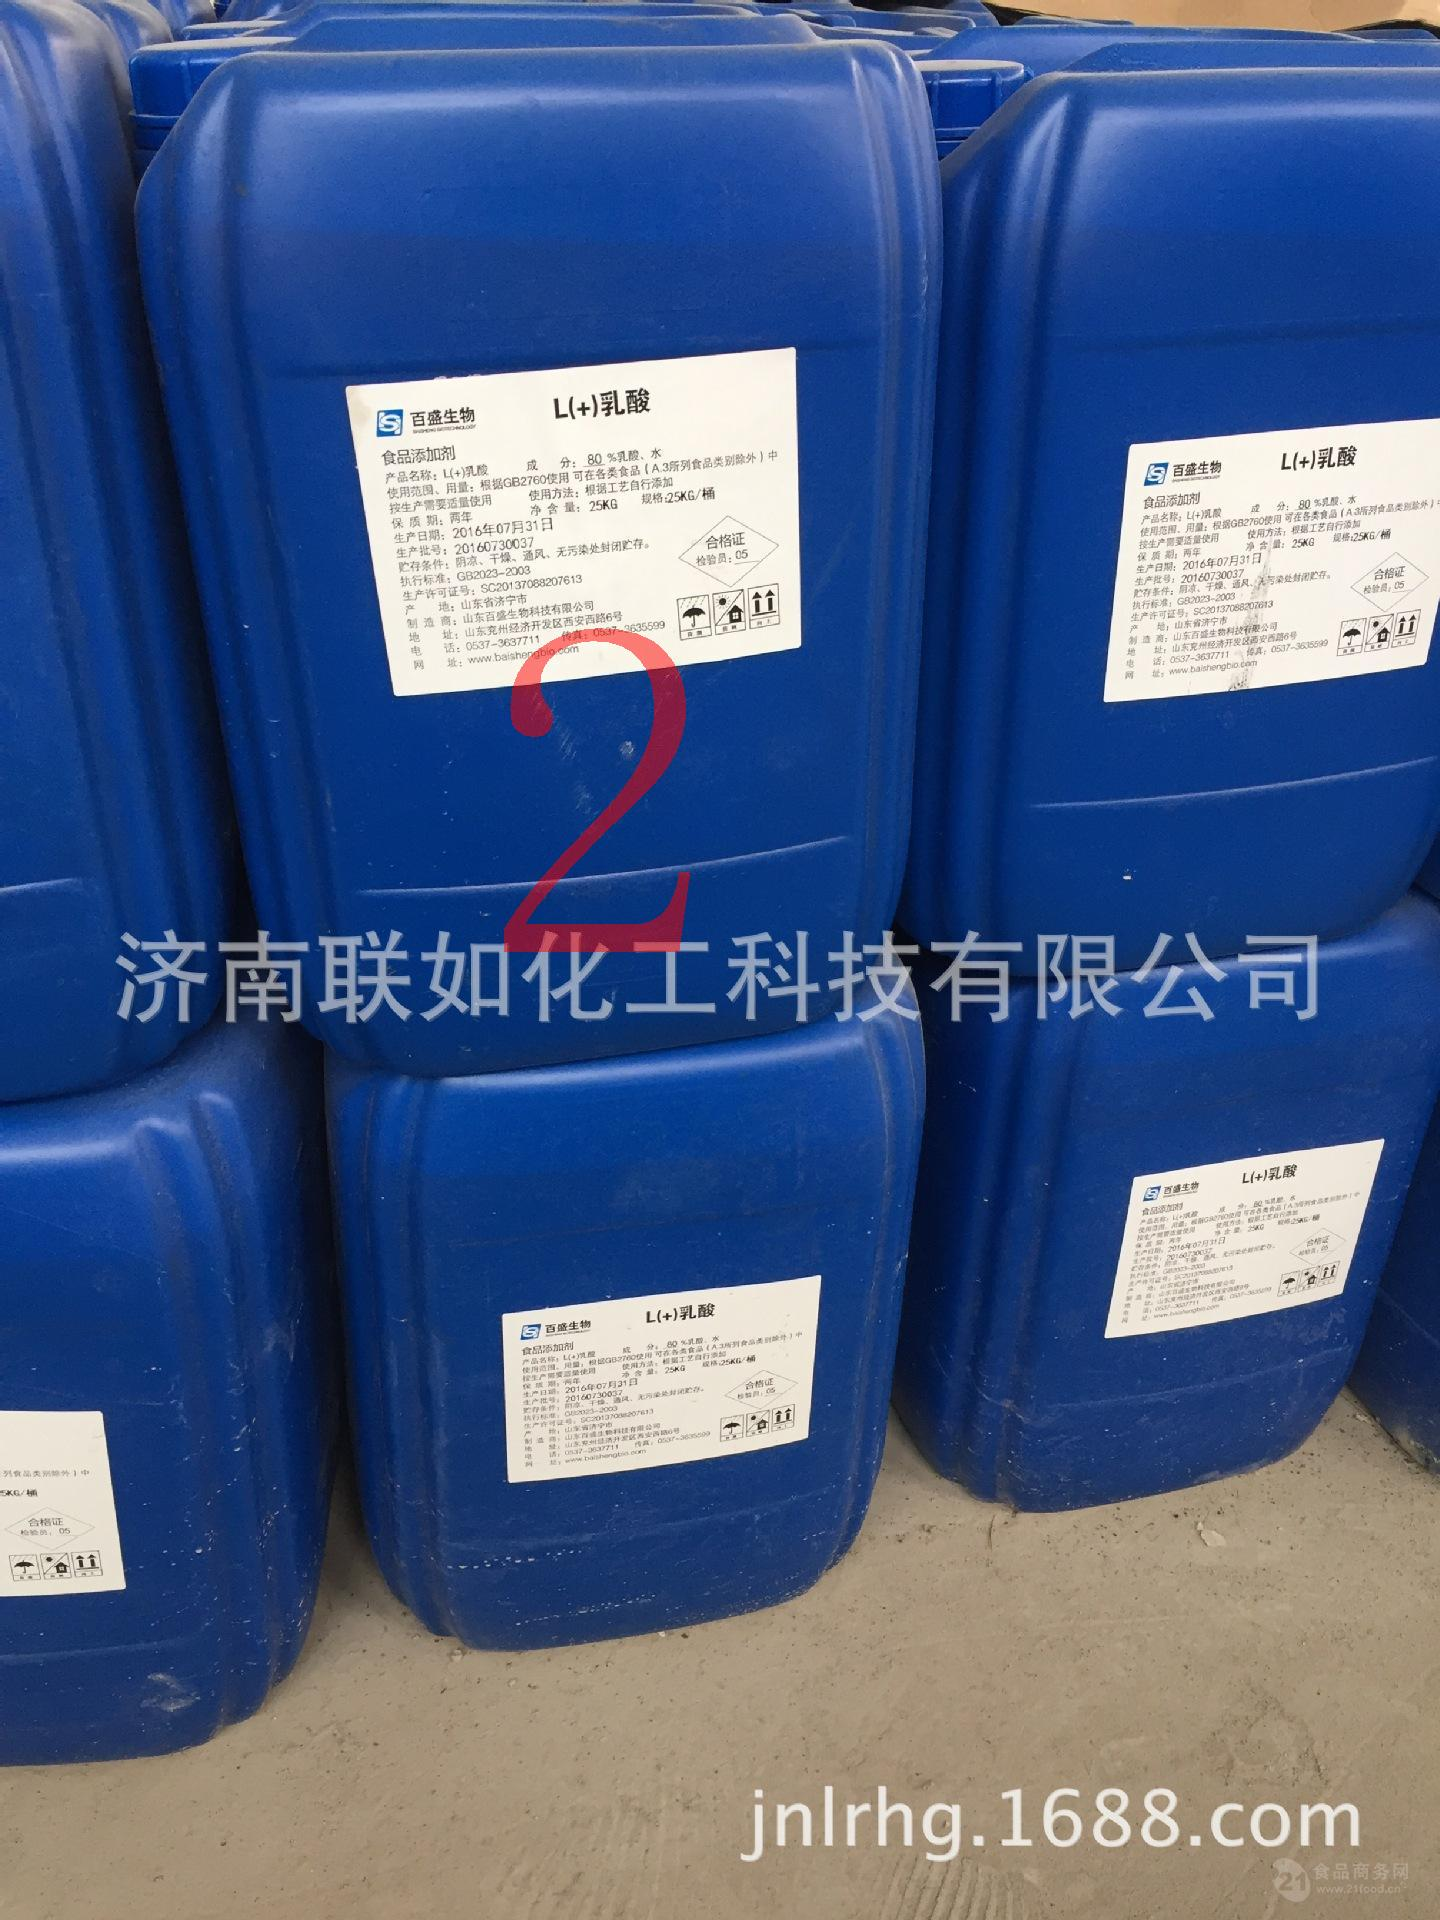 山东乳酸 供应乳酸 食品级乳酸 L型80%乳酸 一桶起发